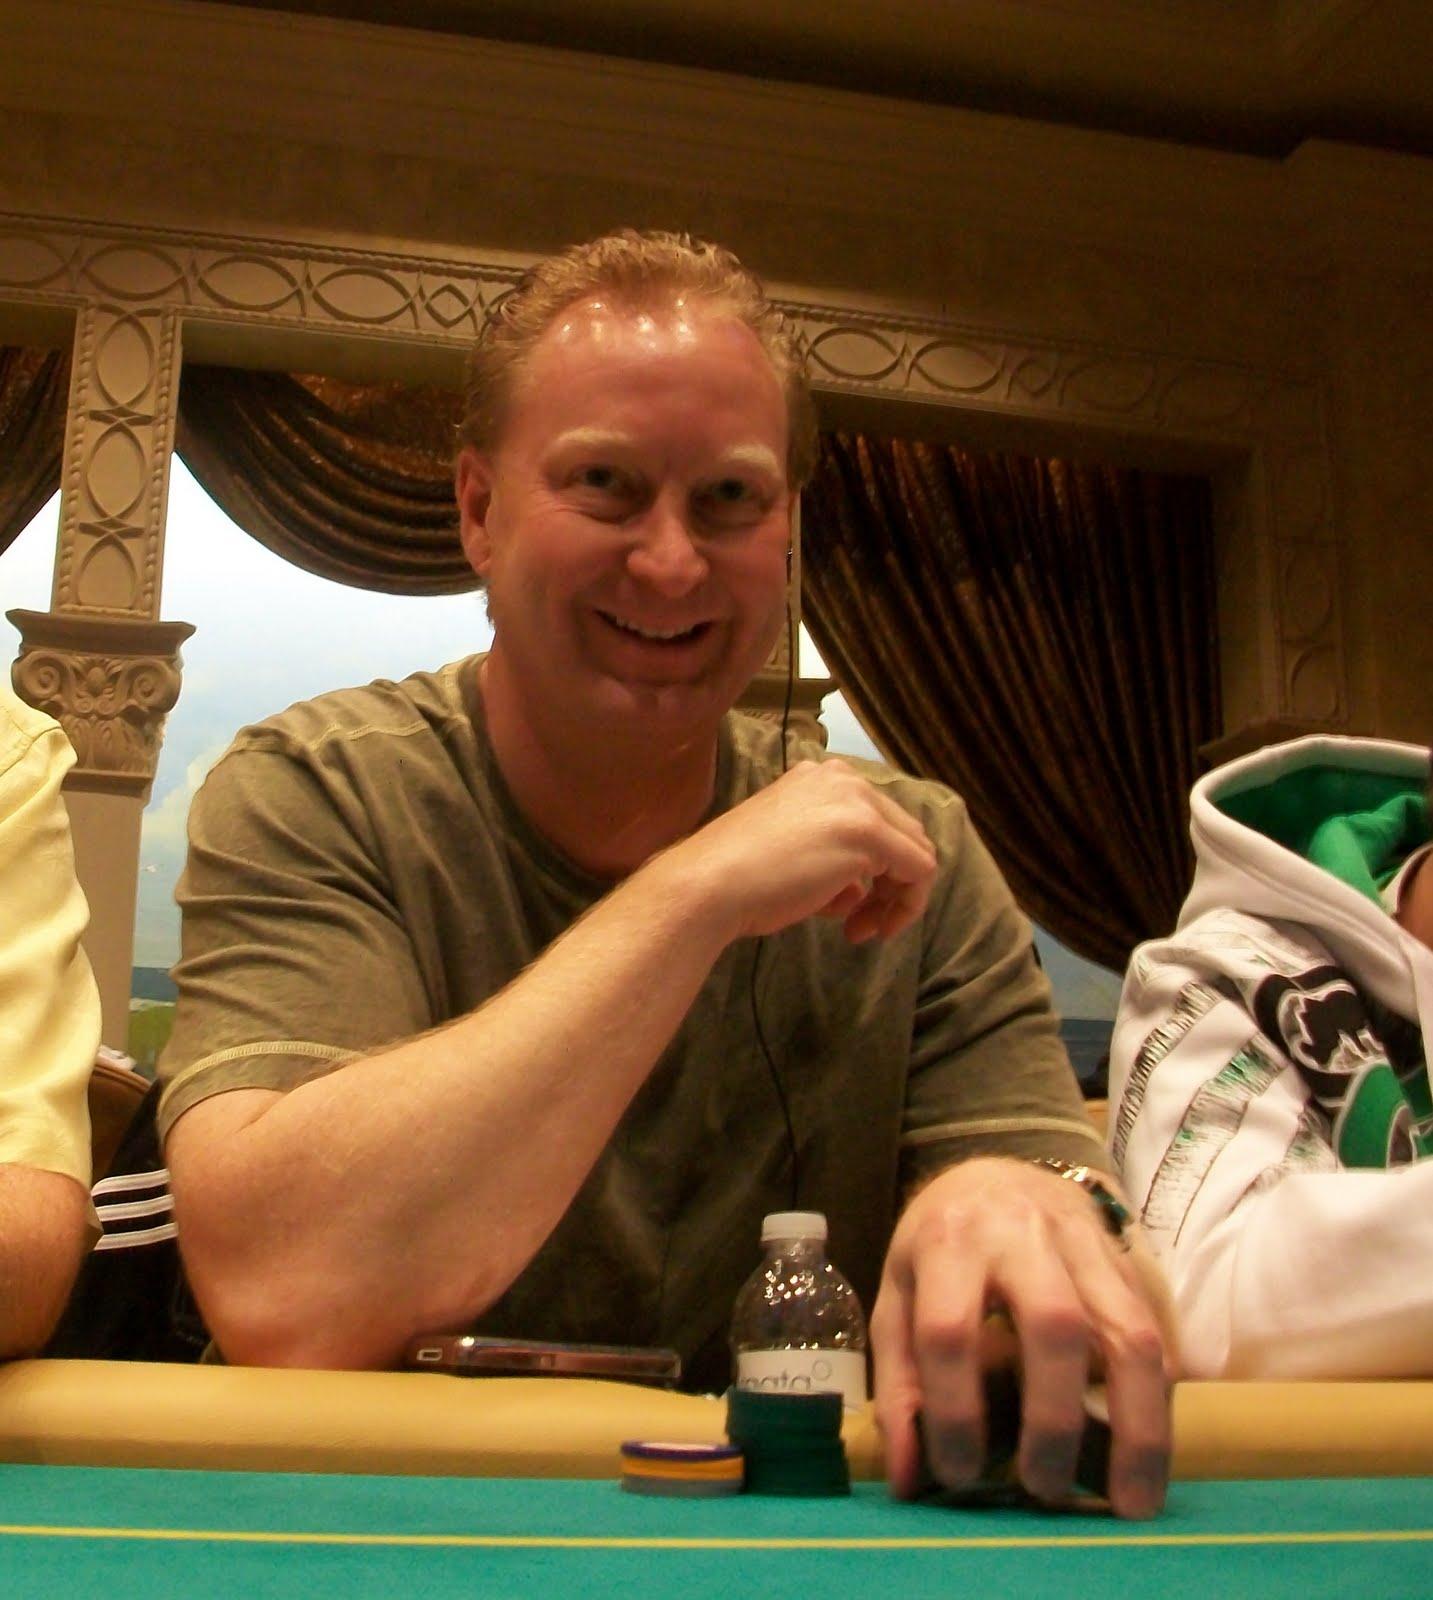 Bonezee poker